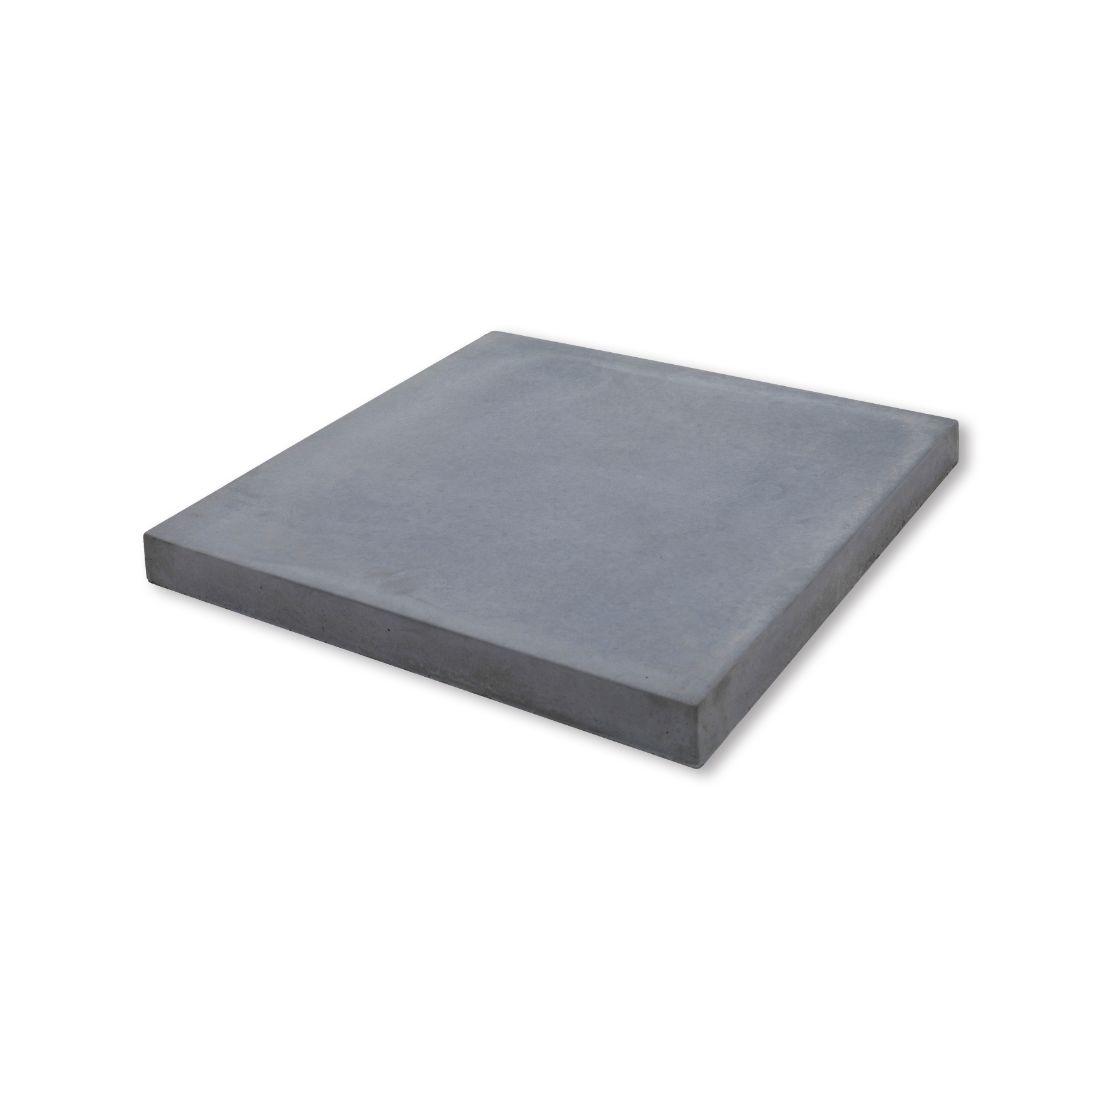 Milano Concrete Paver 300 x 300 x 37mm Grey River